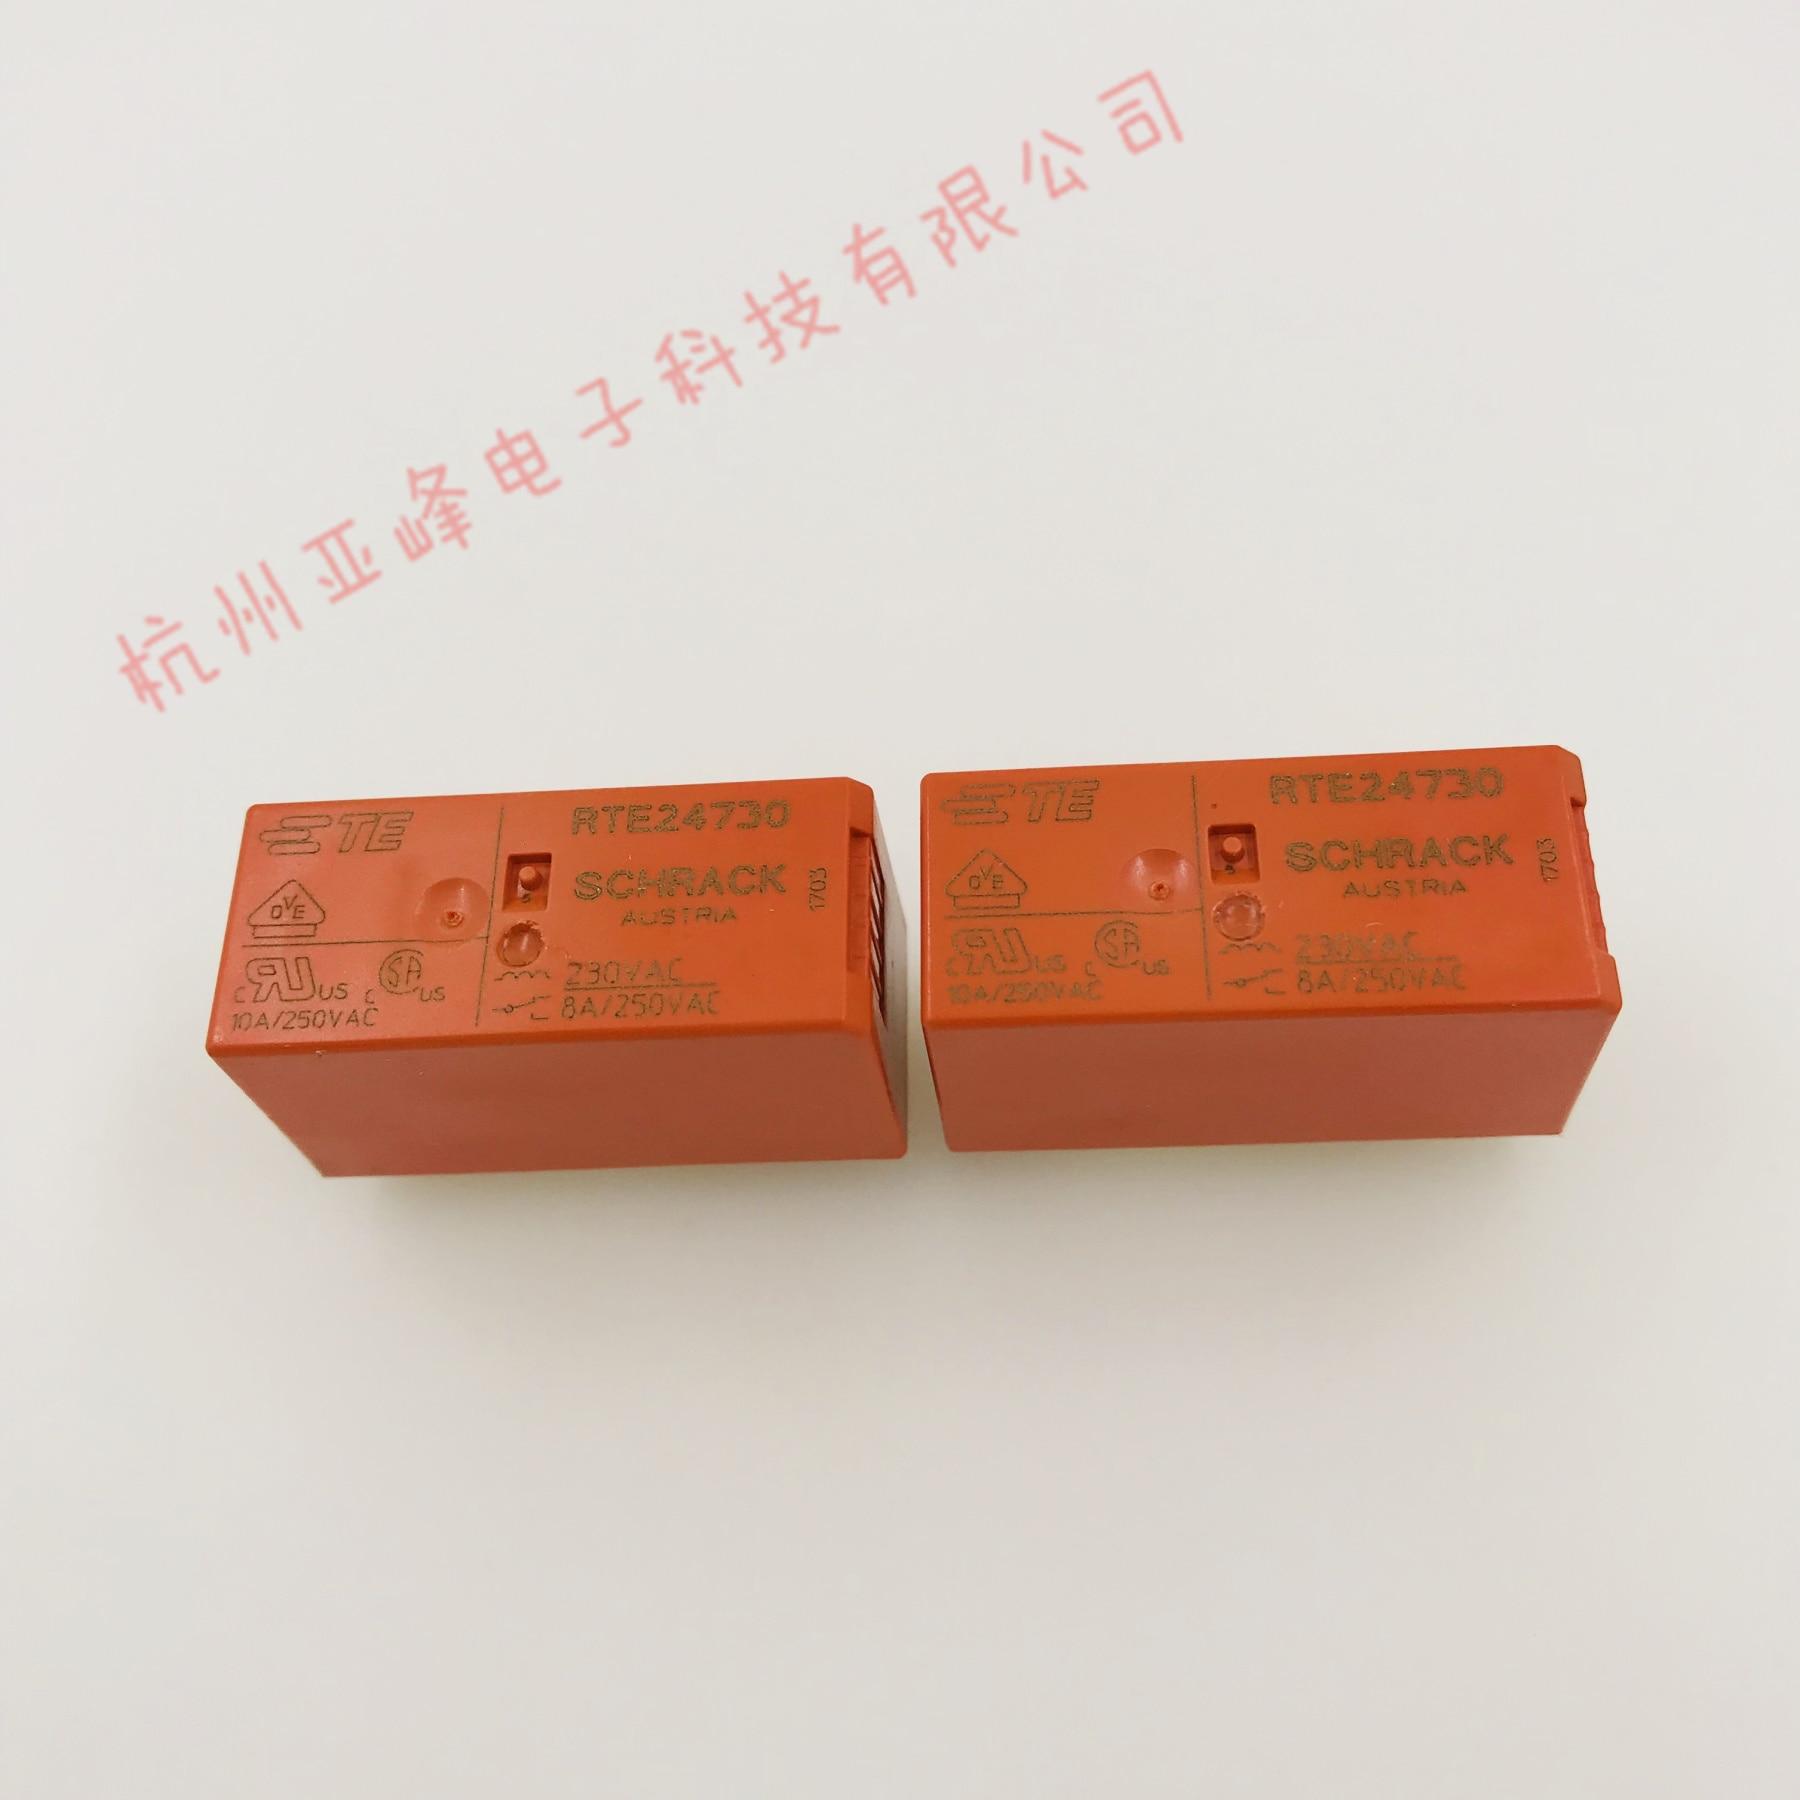 Brand New & Original Te Tyco Relé 8 RTE24730 Dois Conjuntos de Conversão-Pin 8A HF115F-A-230-2ZS4